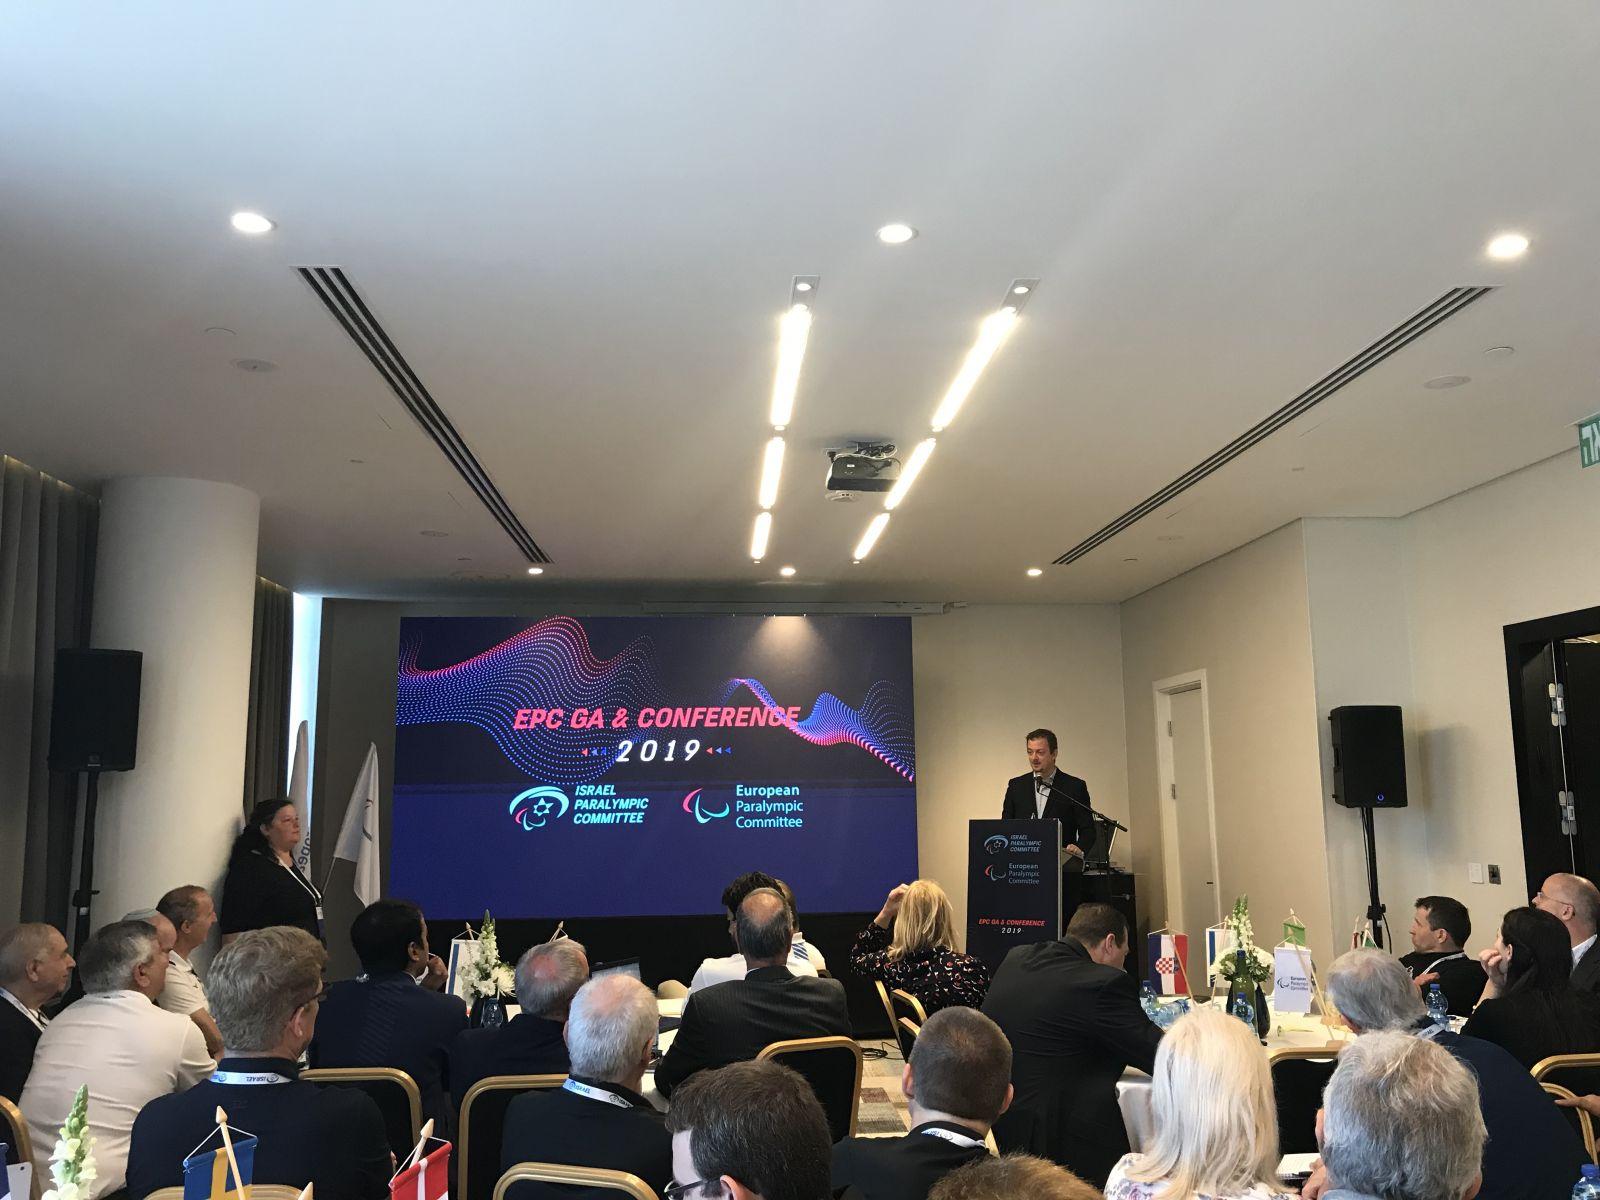 В.П. Лукин, П.А. Рожков в г. Натанья (Израиль) приняли участие в Конференции Европейского паралимпийского комитета